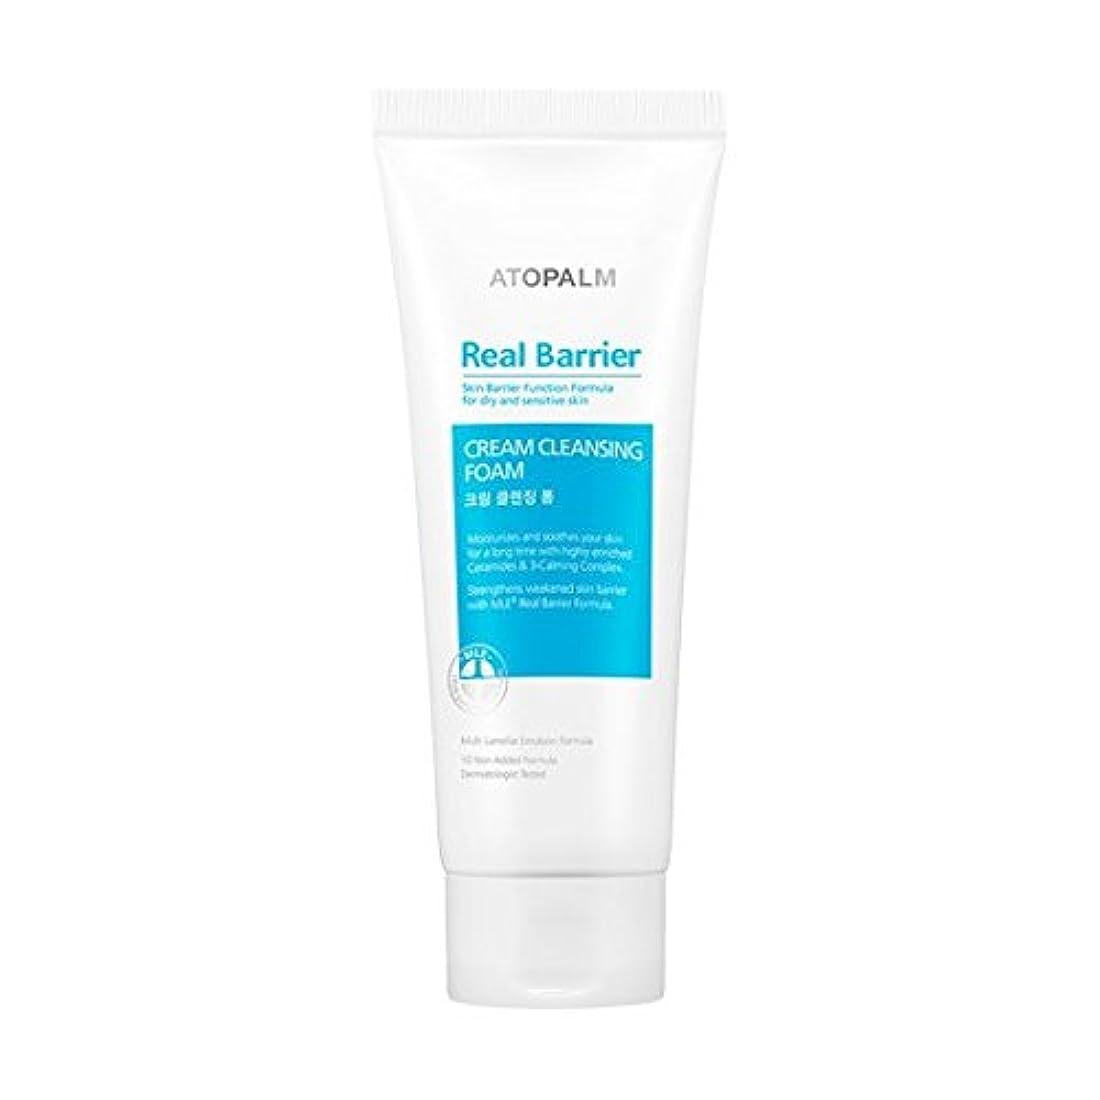 滴下松ぼかし[Atopalm (韓国コスメ アトパーム)] Real barrier cream cleansing foam (150g) リアルバリアクリームクレンジング?フォーム[並行輸入品][海外直送品]